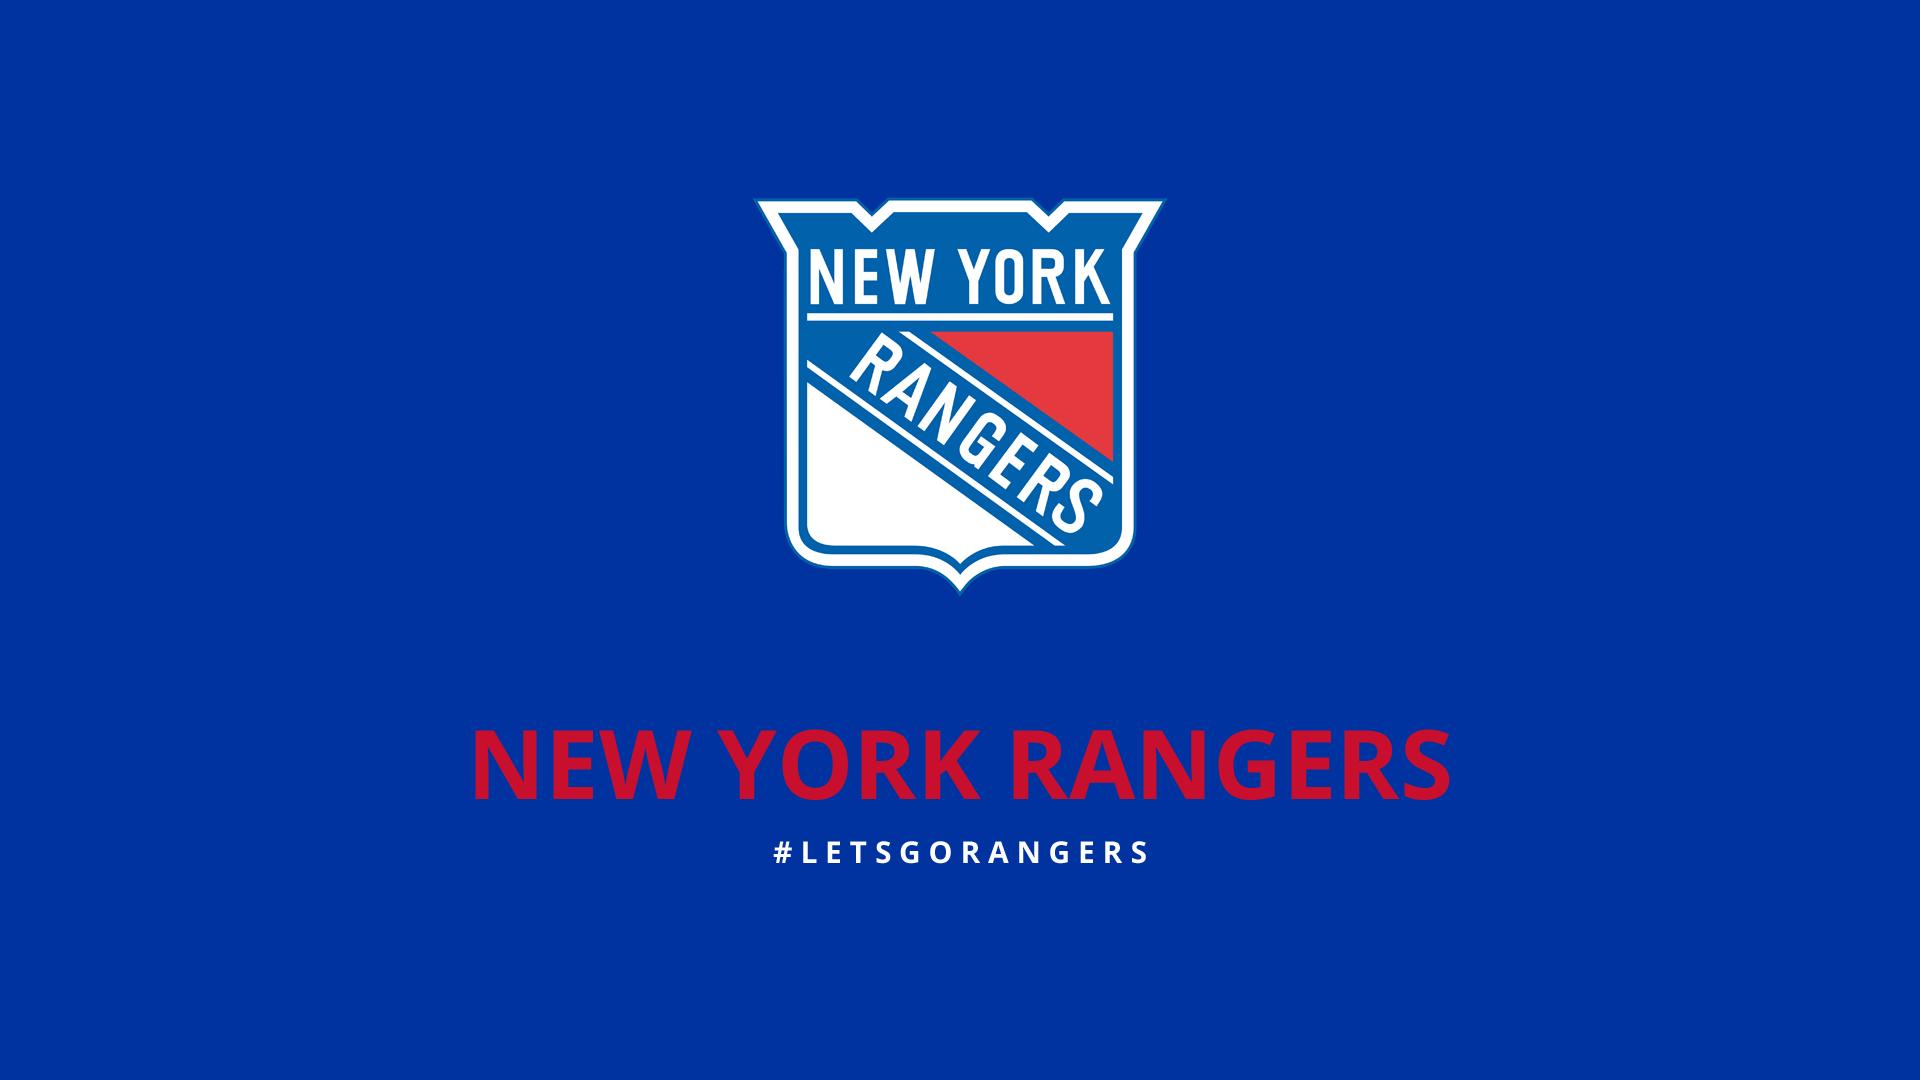 New York Rangers Wallpaper 47483 1920x1080 px ~ HDWallSource com